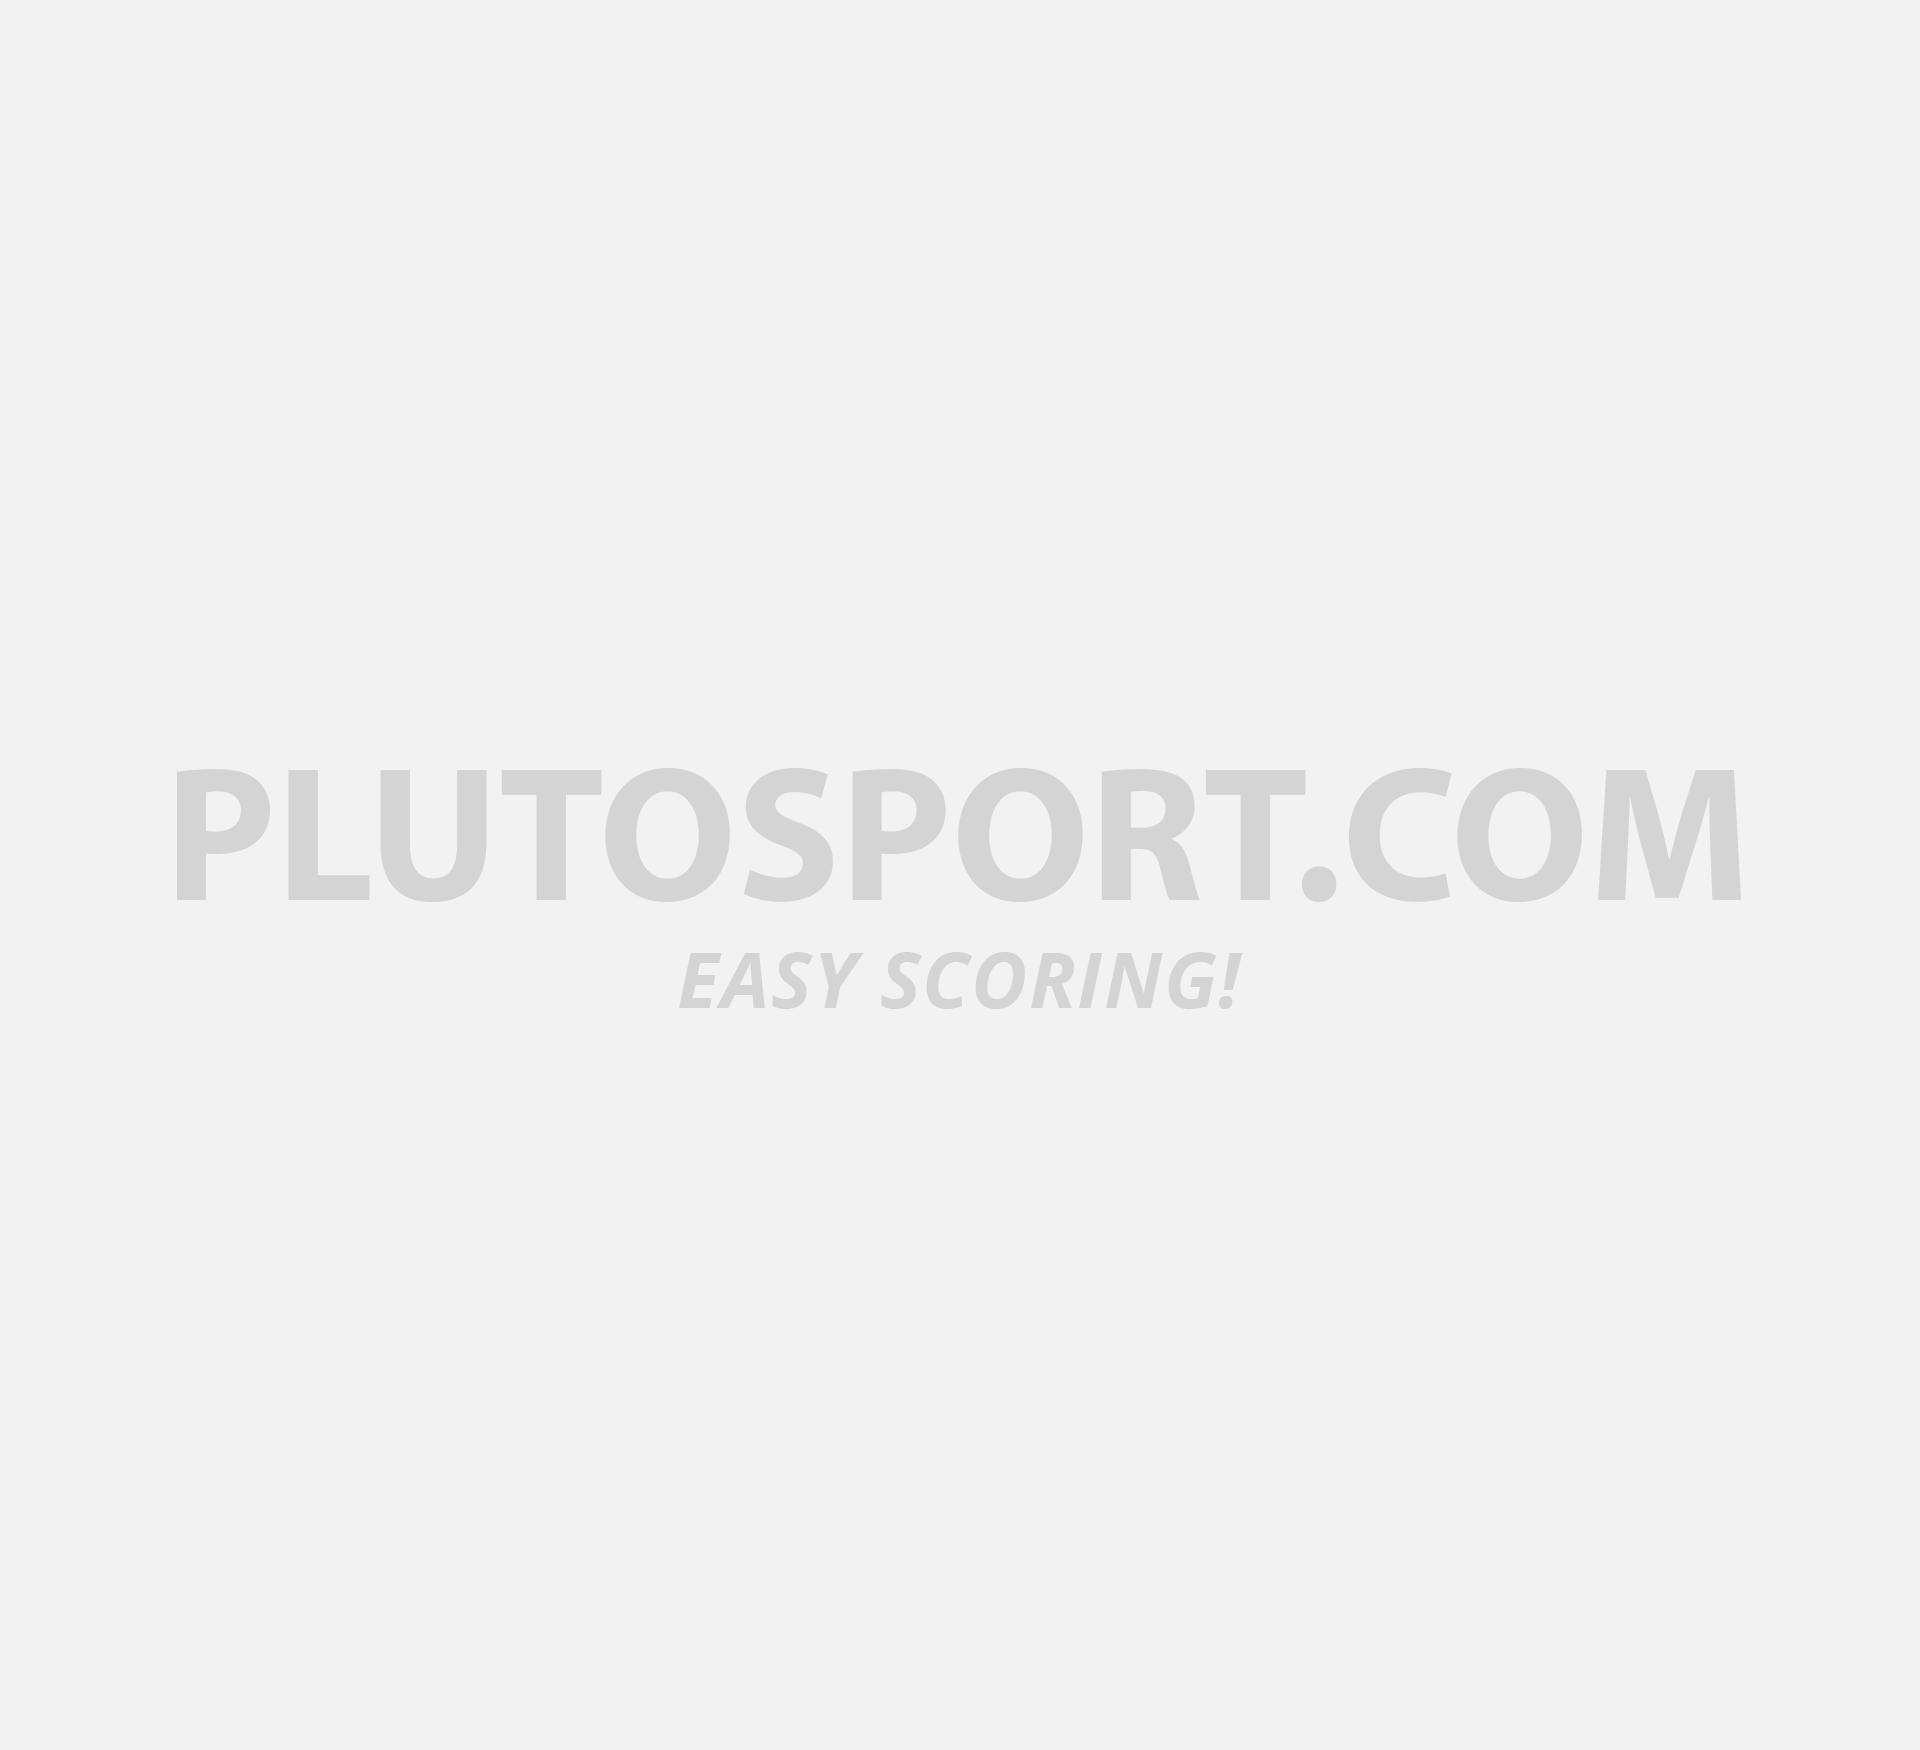 Uhlsport Hyperact Soft Pro Goalkeeper Gloves